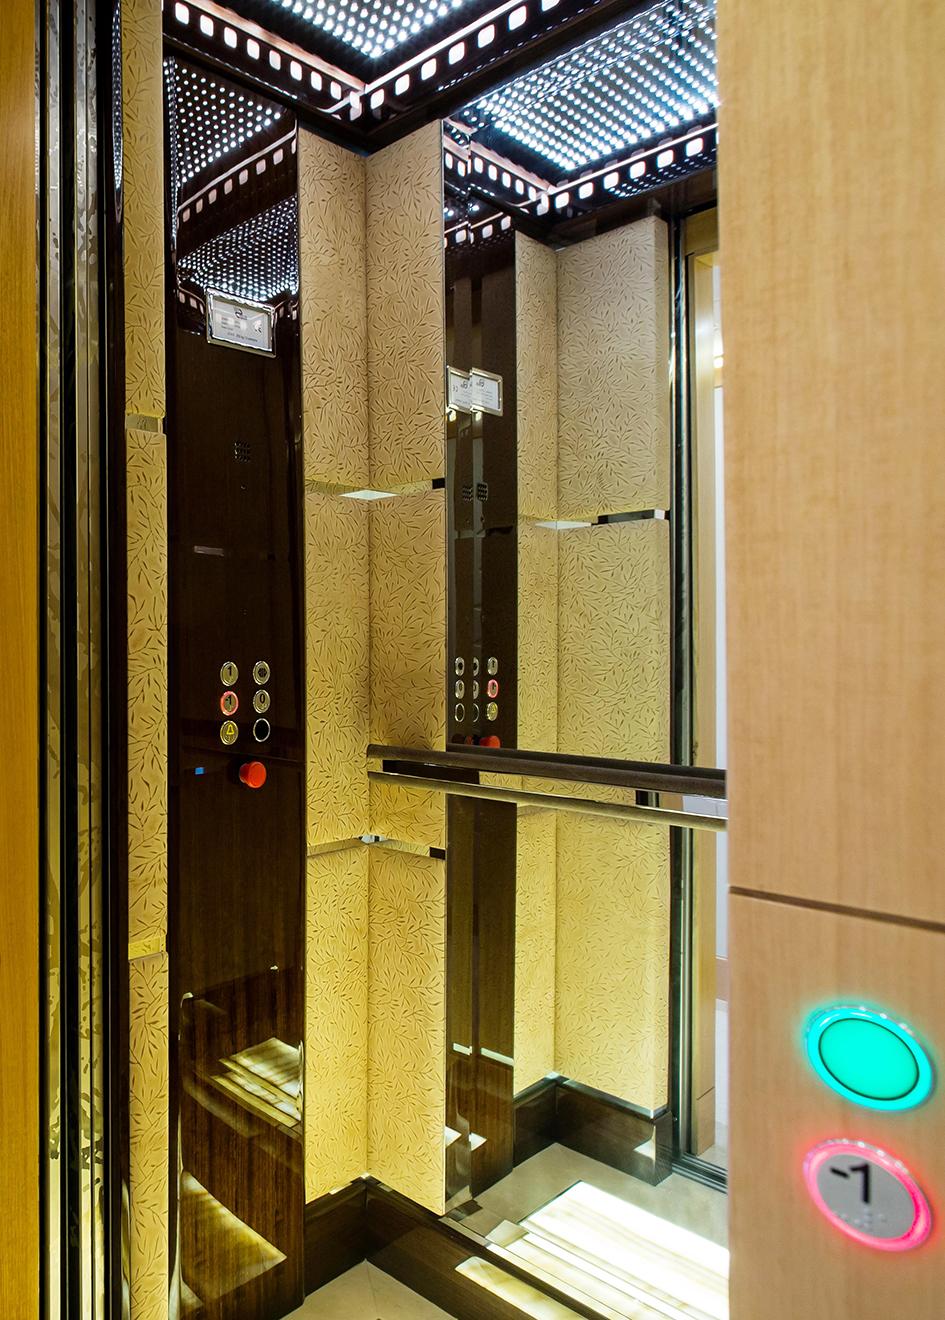 Majesty 155 elevator